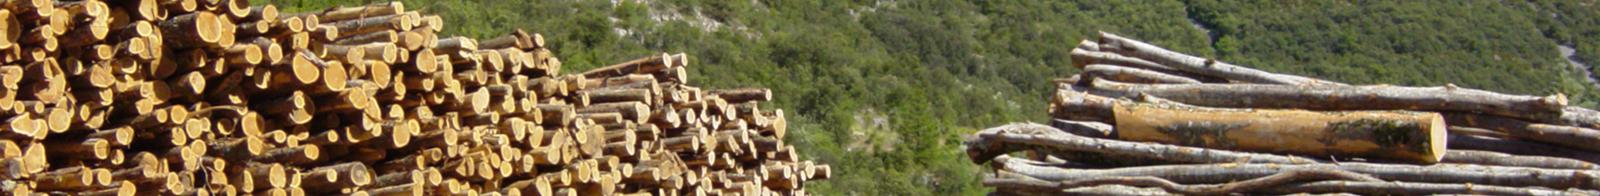 marchand de bois de chauffage pr s de montpellier puech bois energie achat de bois de. Black Bedroom Furniture Sets. Home Design Ideas